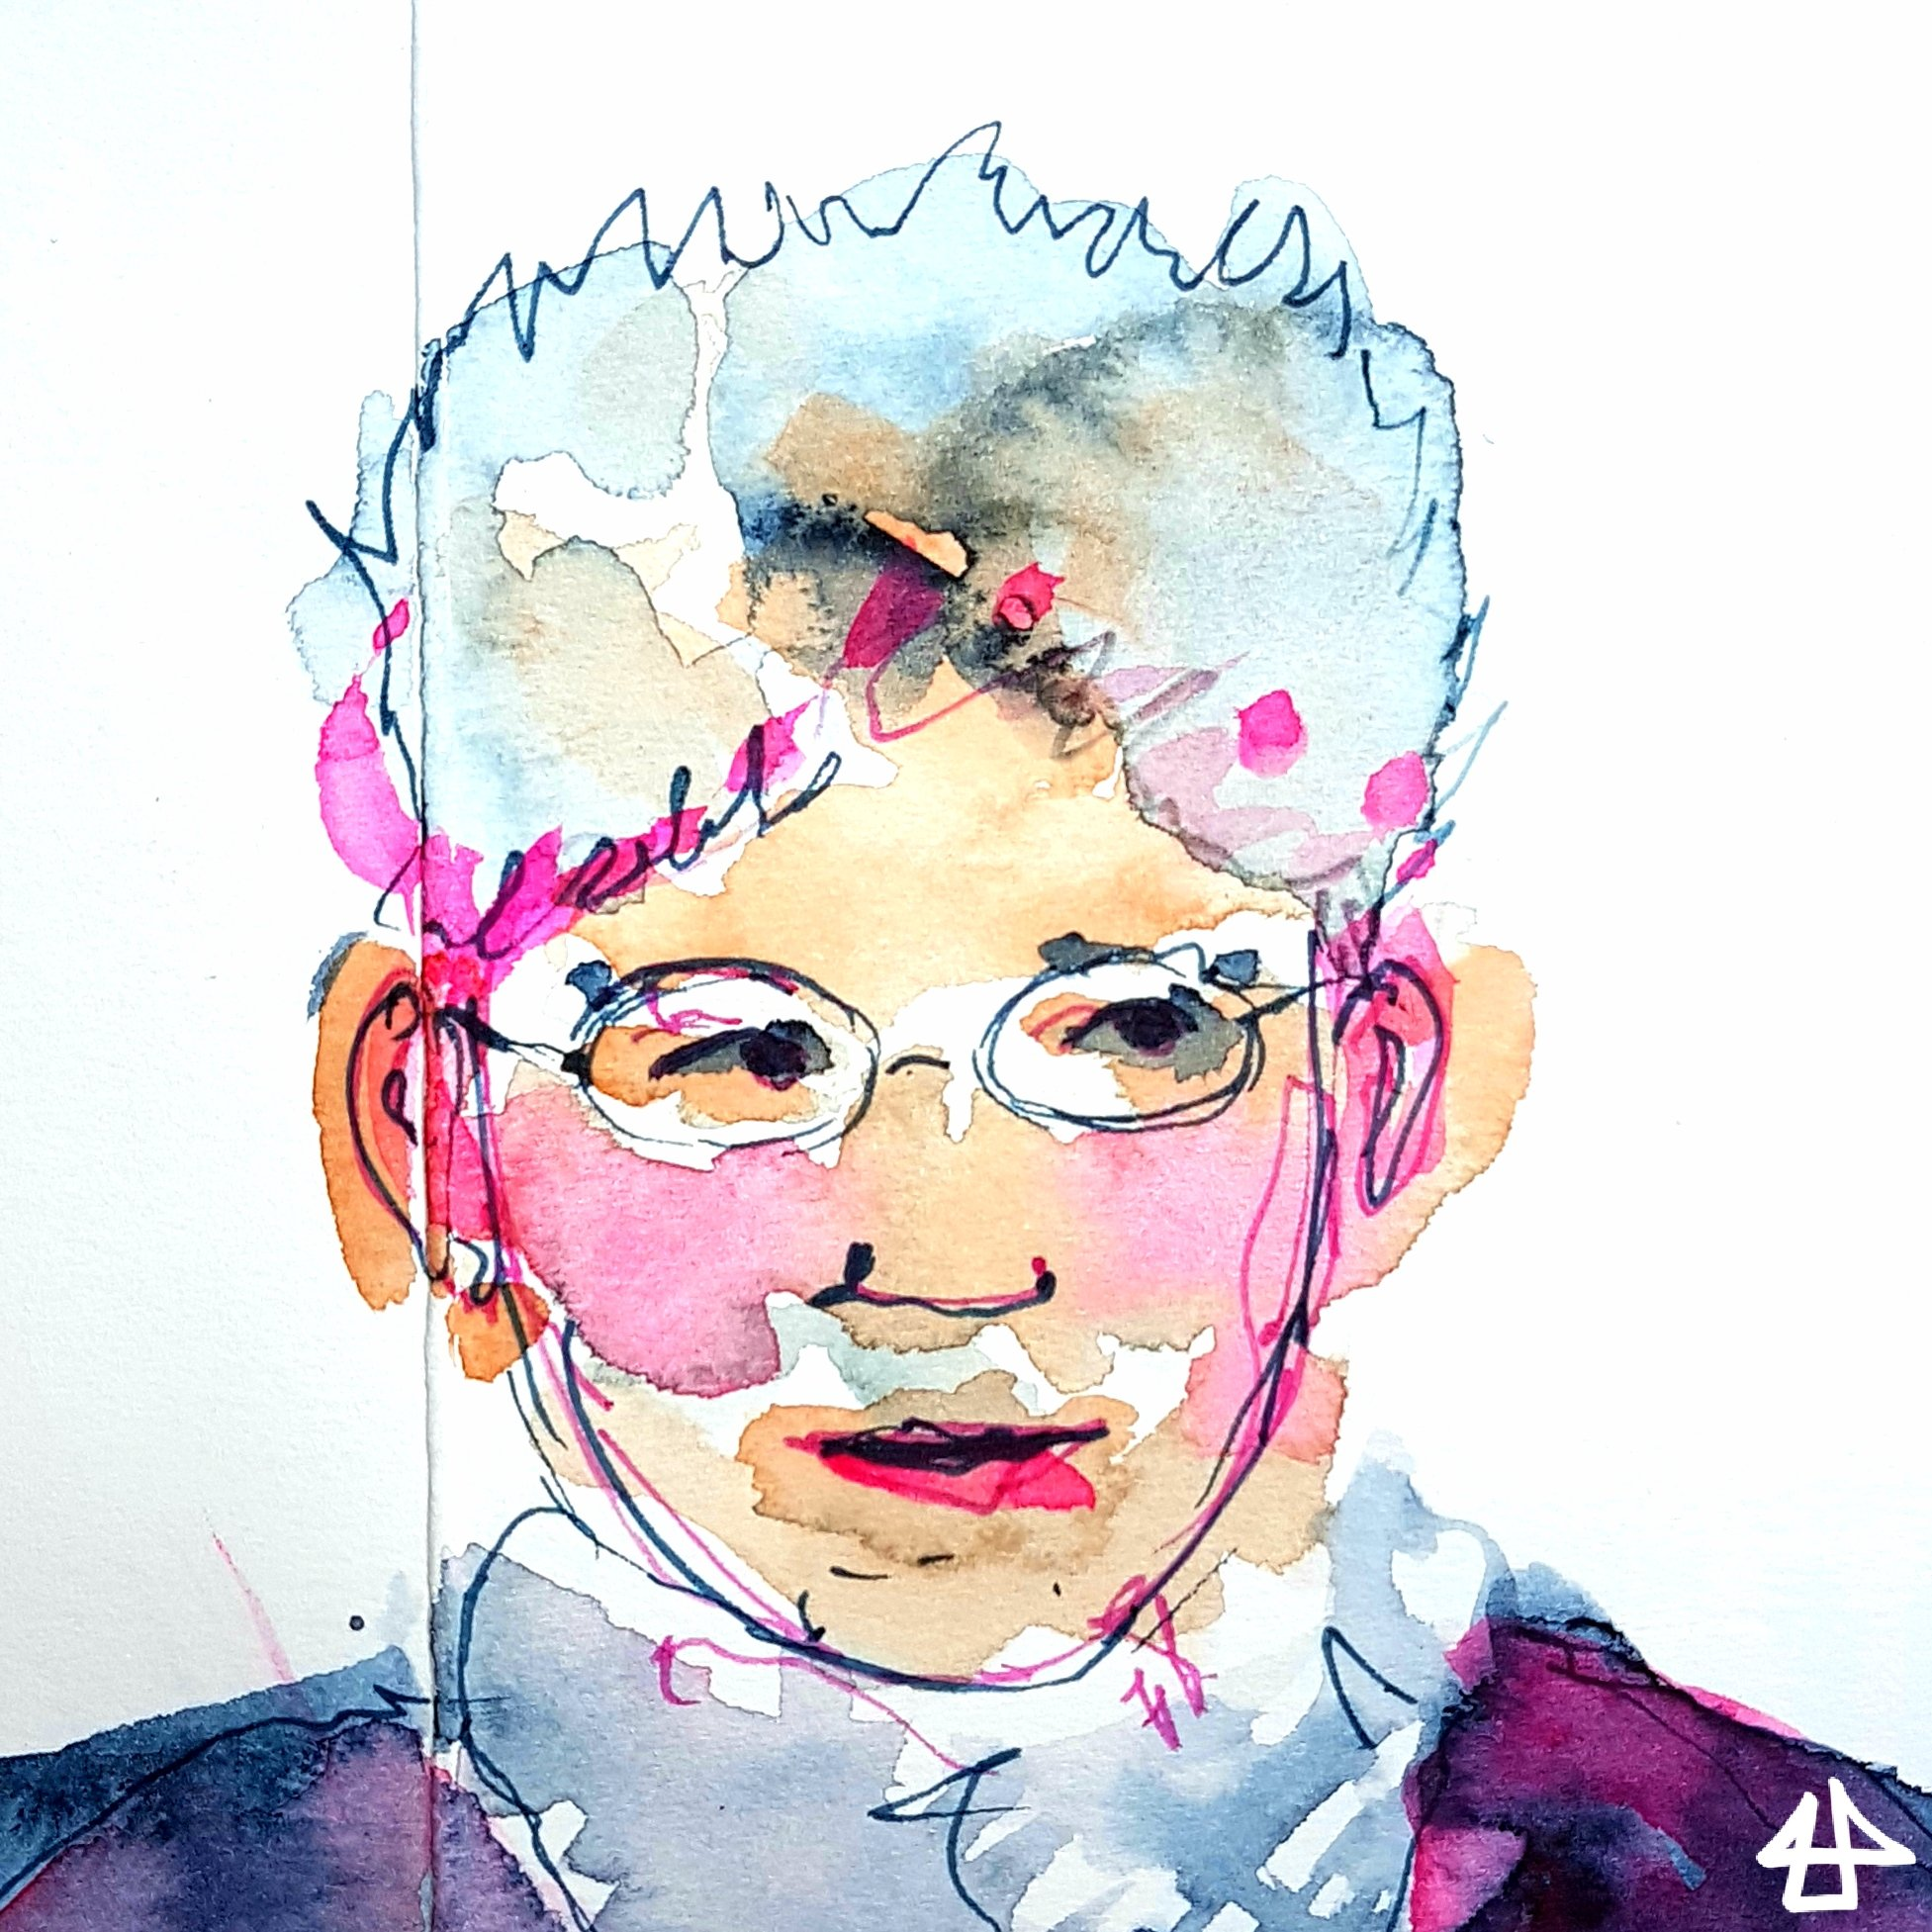 Finelinerzeichnung mit Aquarall fleckig koloriert, Mensch mit ovaler kleiner Brille und grauen Haaren schaut vorsichtig nach rechts.